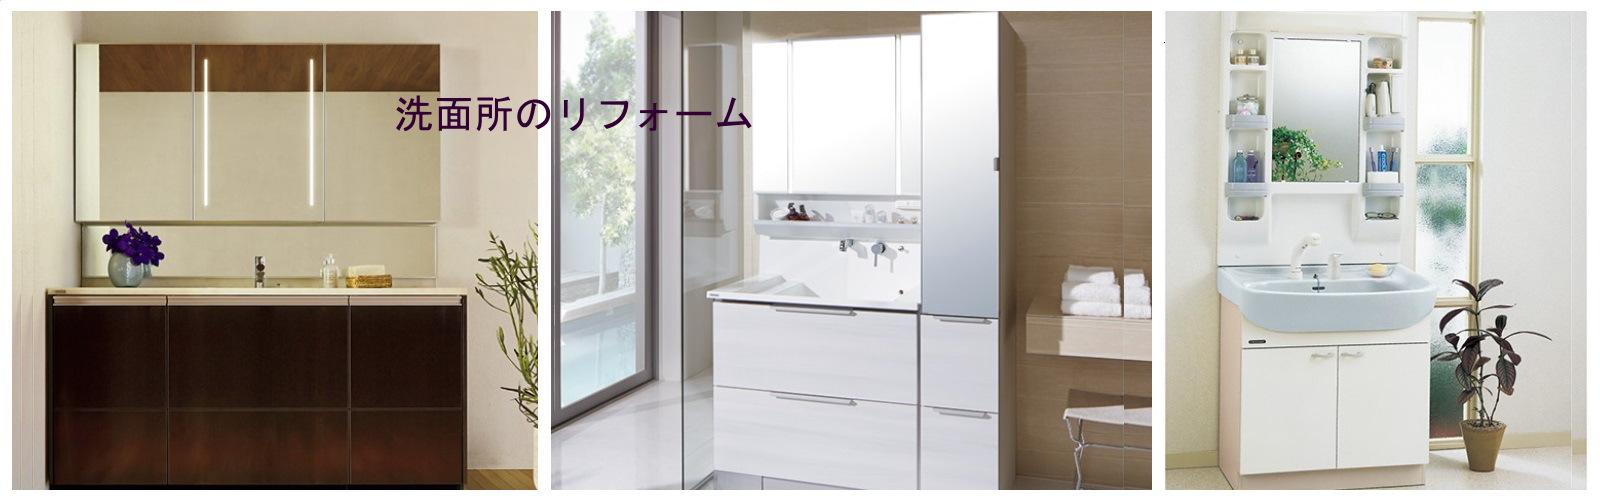 洗面所のリフォーム